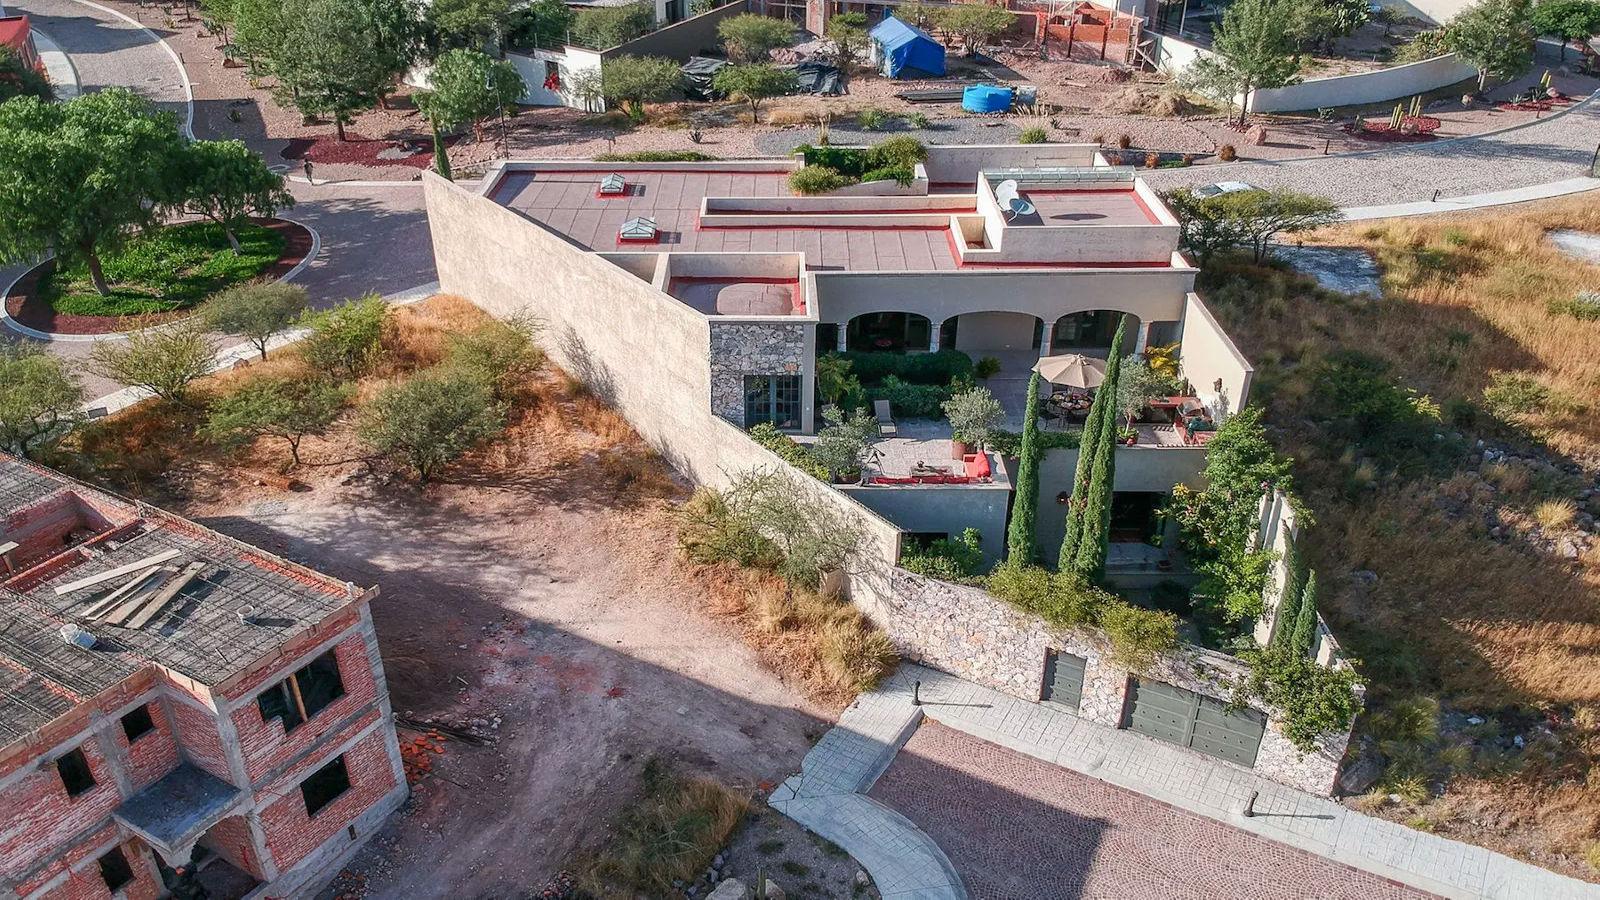 Crystal Calderoni Casa Por Fin - San Miguel de Allende (2)